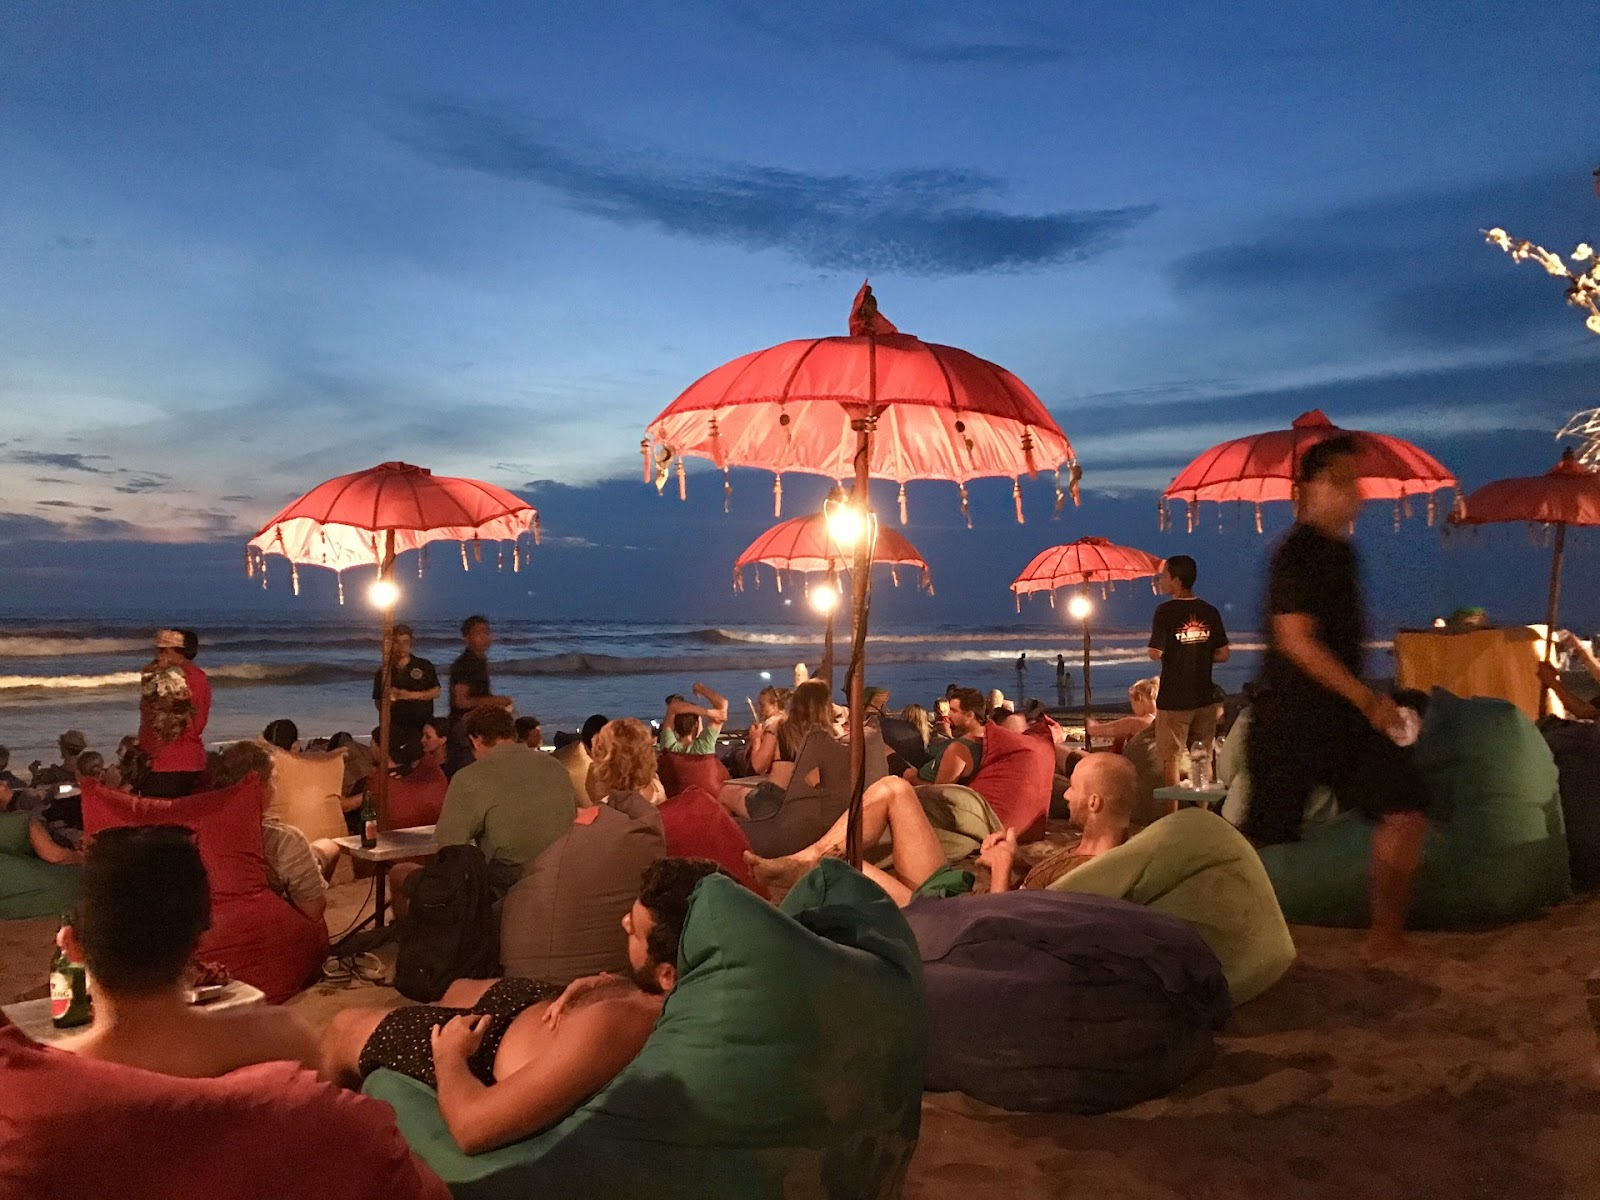 أشخاص يجلسون على الشاطئ لمشاهدة غروب الشمس